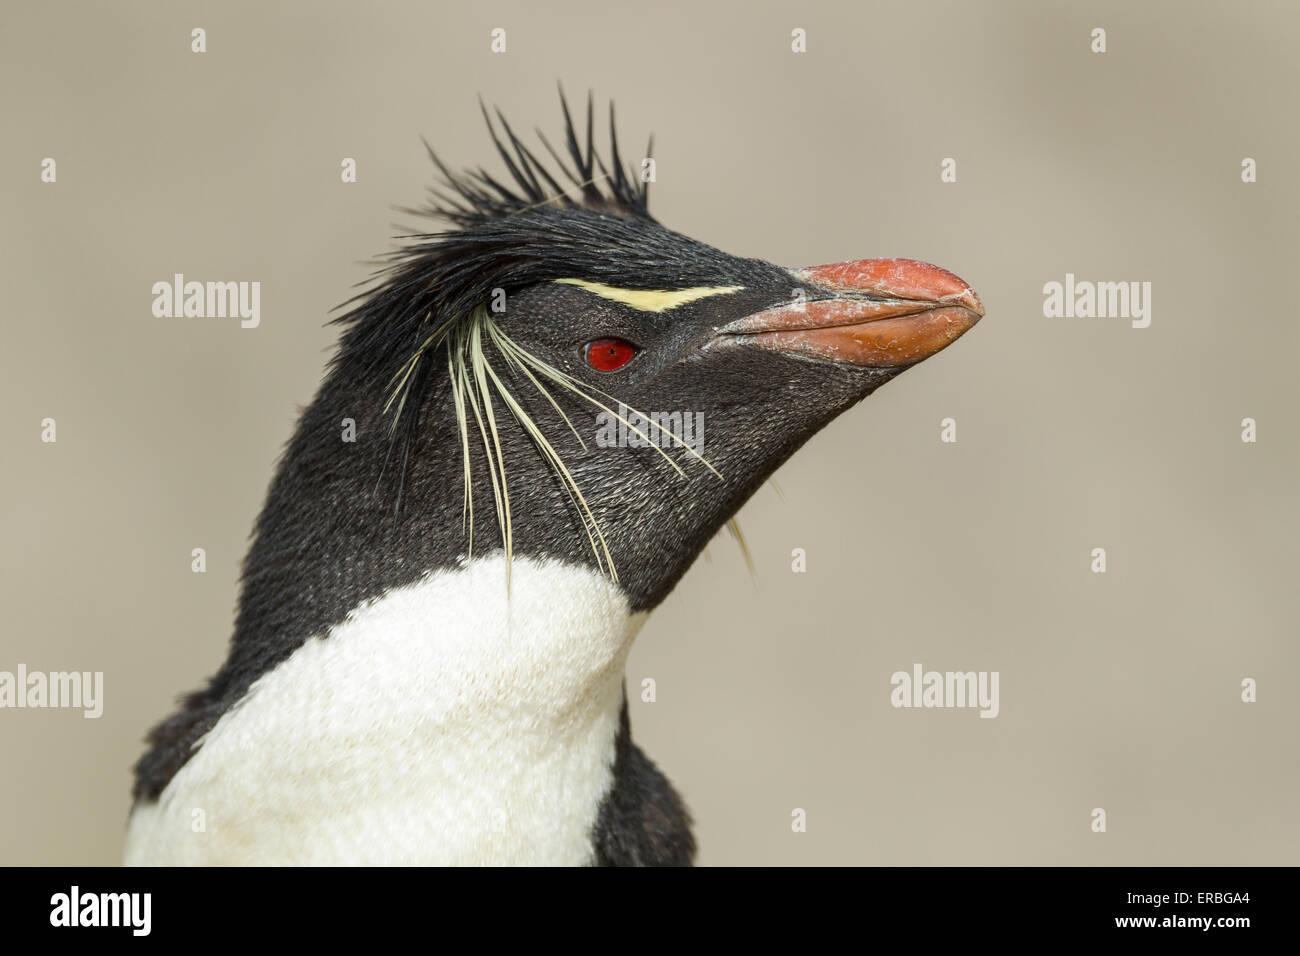 Penguin Eudyptes chrysocome Southern rockhopper, adulte tête profil, Nouvelle Île, Îles Falkland Photo Stock